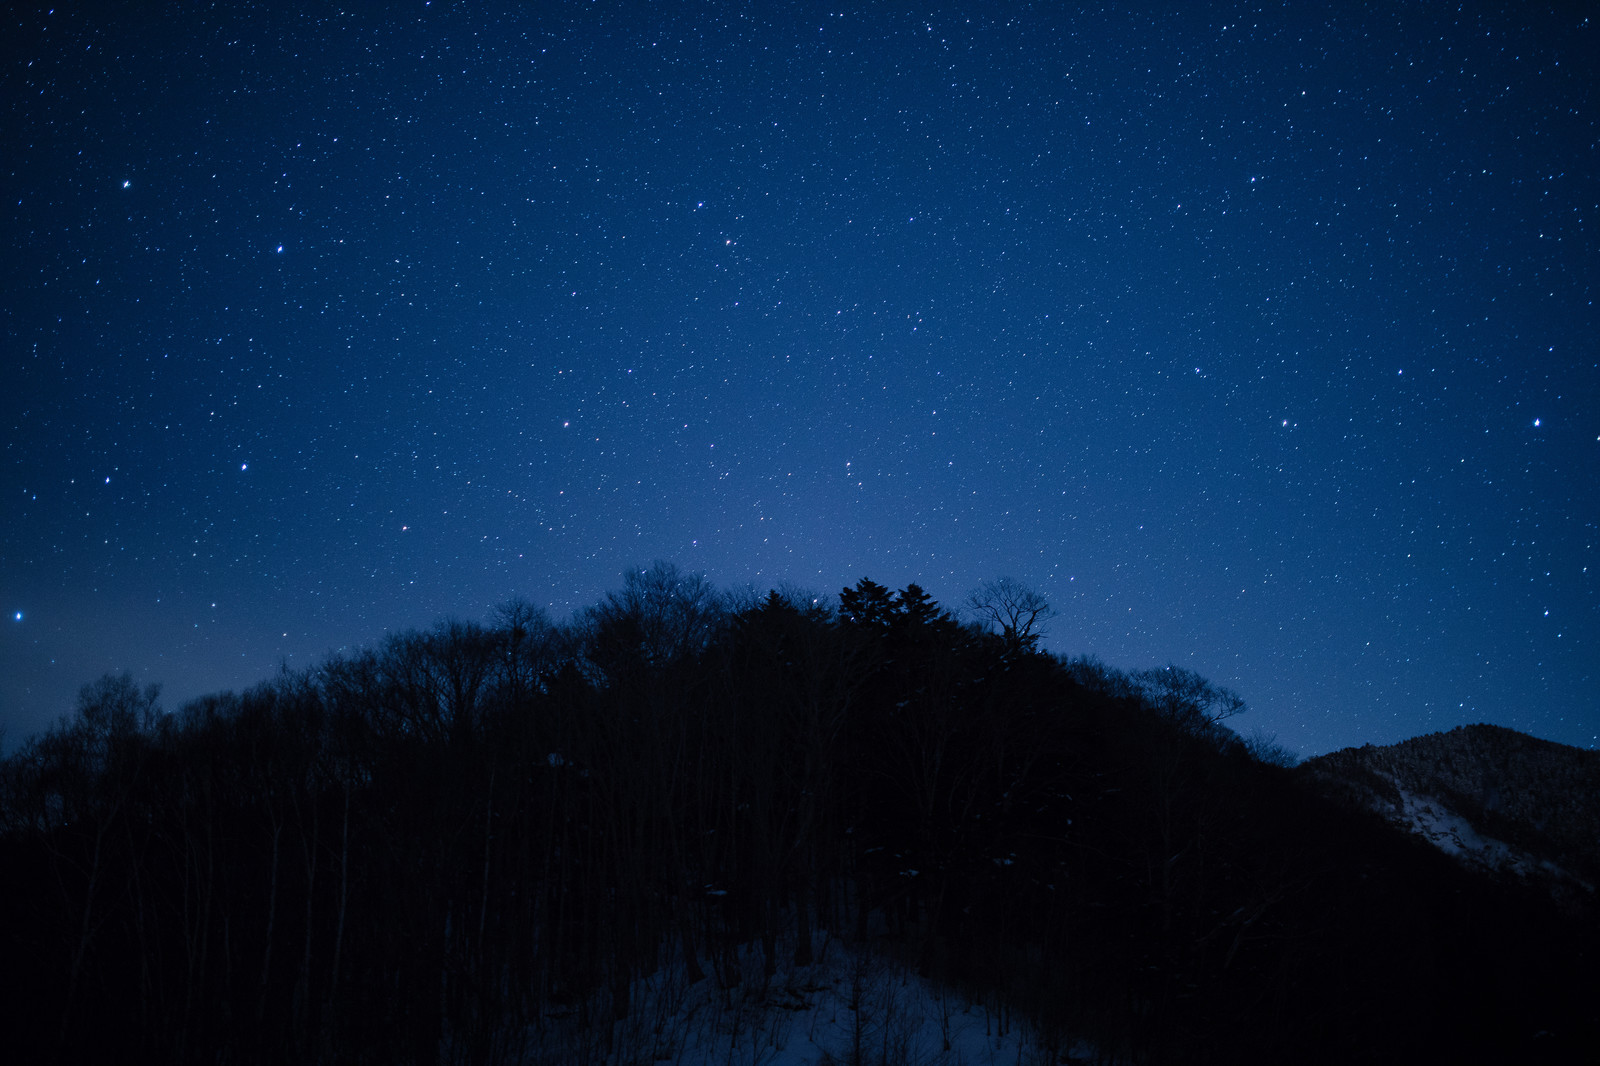 「北アルプス大橋からの山のシルエットと星空」の写真